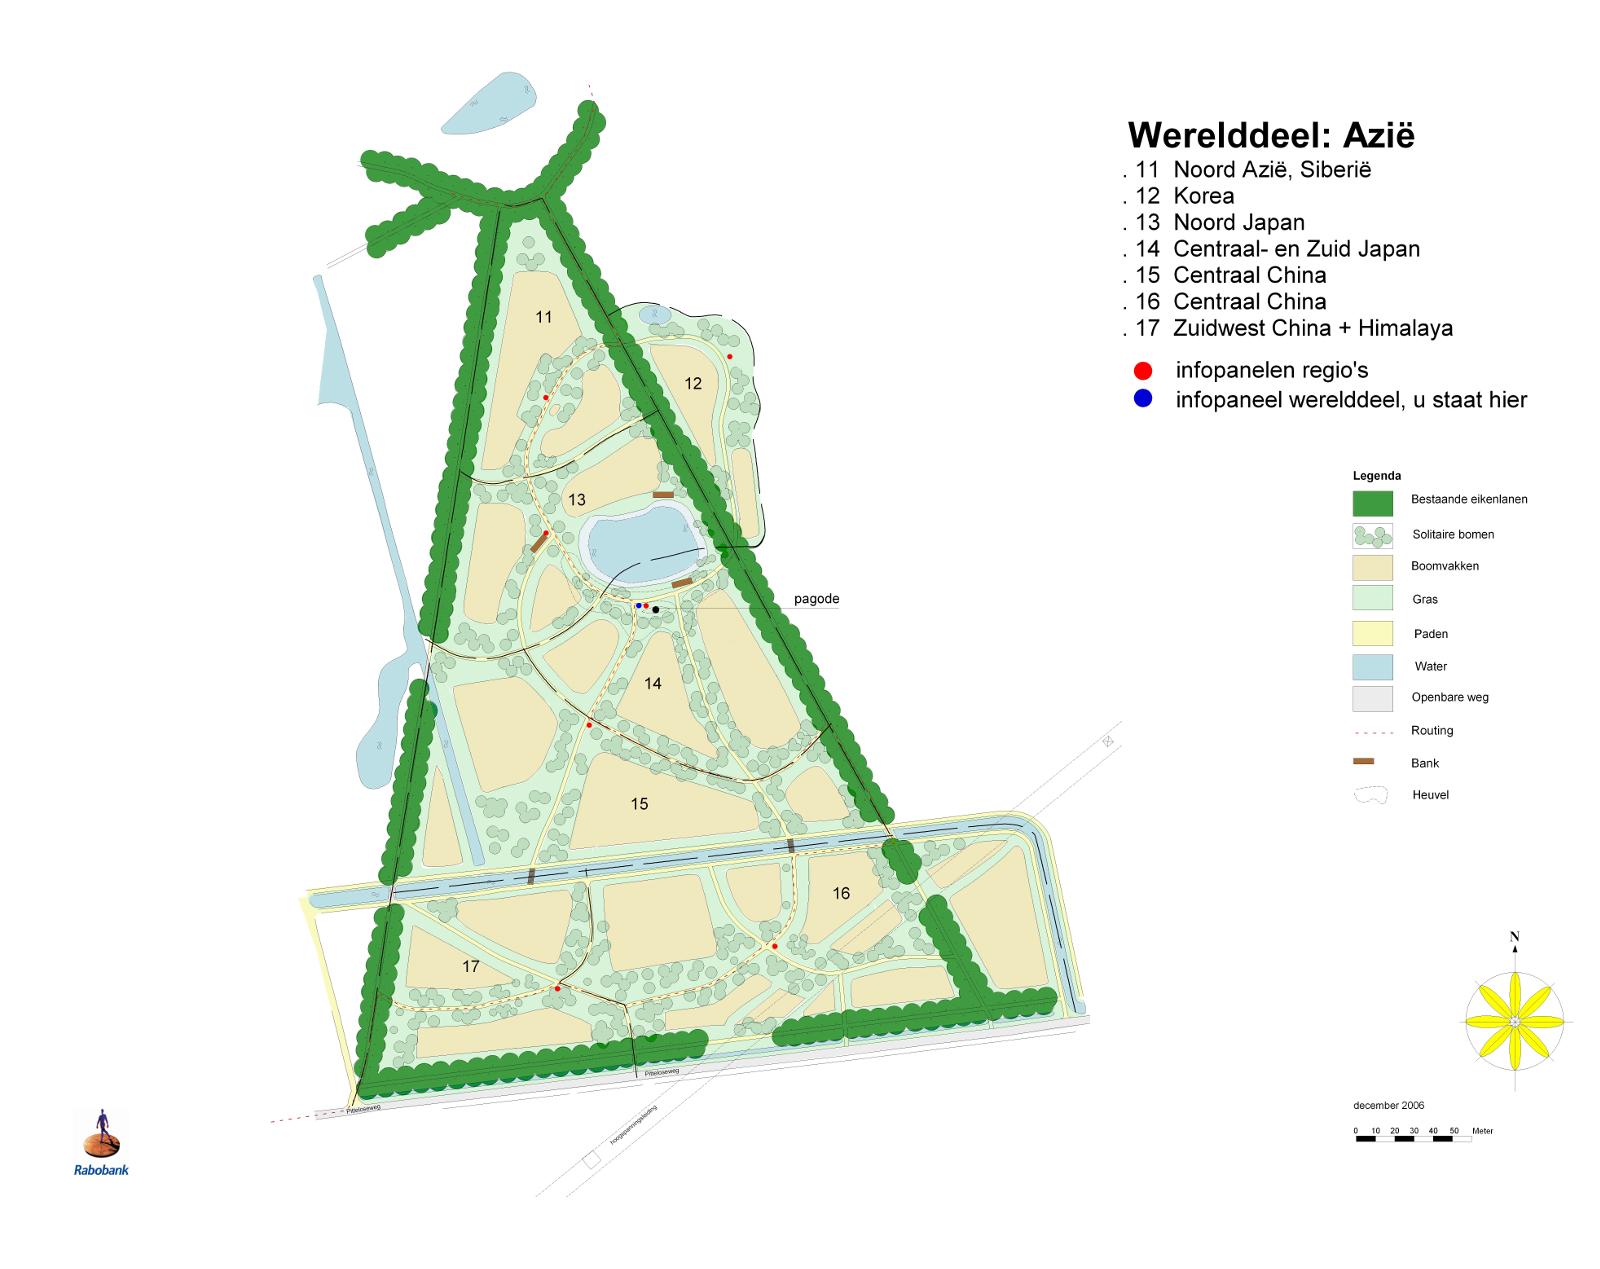 """<a href=""""/kaarten/Azie2007.pdf"""" target=""""_blank""""><img class=""""alignright size-thumbnail wp-image-767"""" src=""""http://arboretum-assen.nl/wp-content/uploads/2016/01/afdrukken-2-150x35.png"""" alt=""""afdrukken"""" width=""""125"""" height=""""30"""" /></a>"""